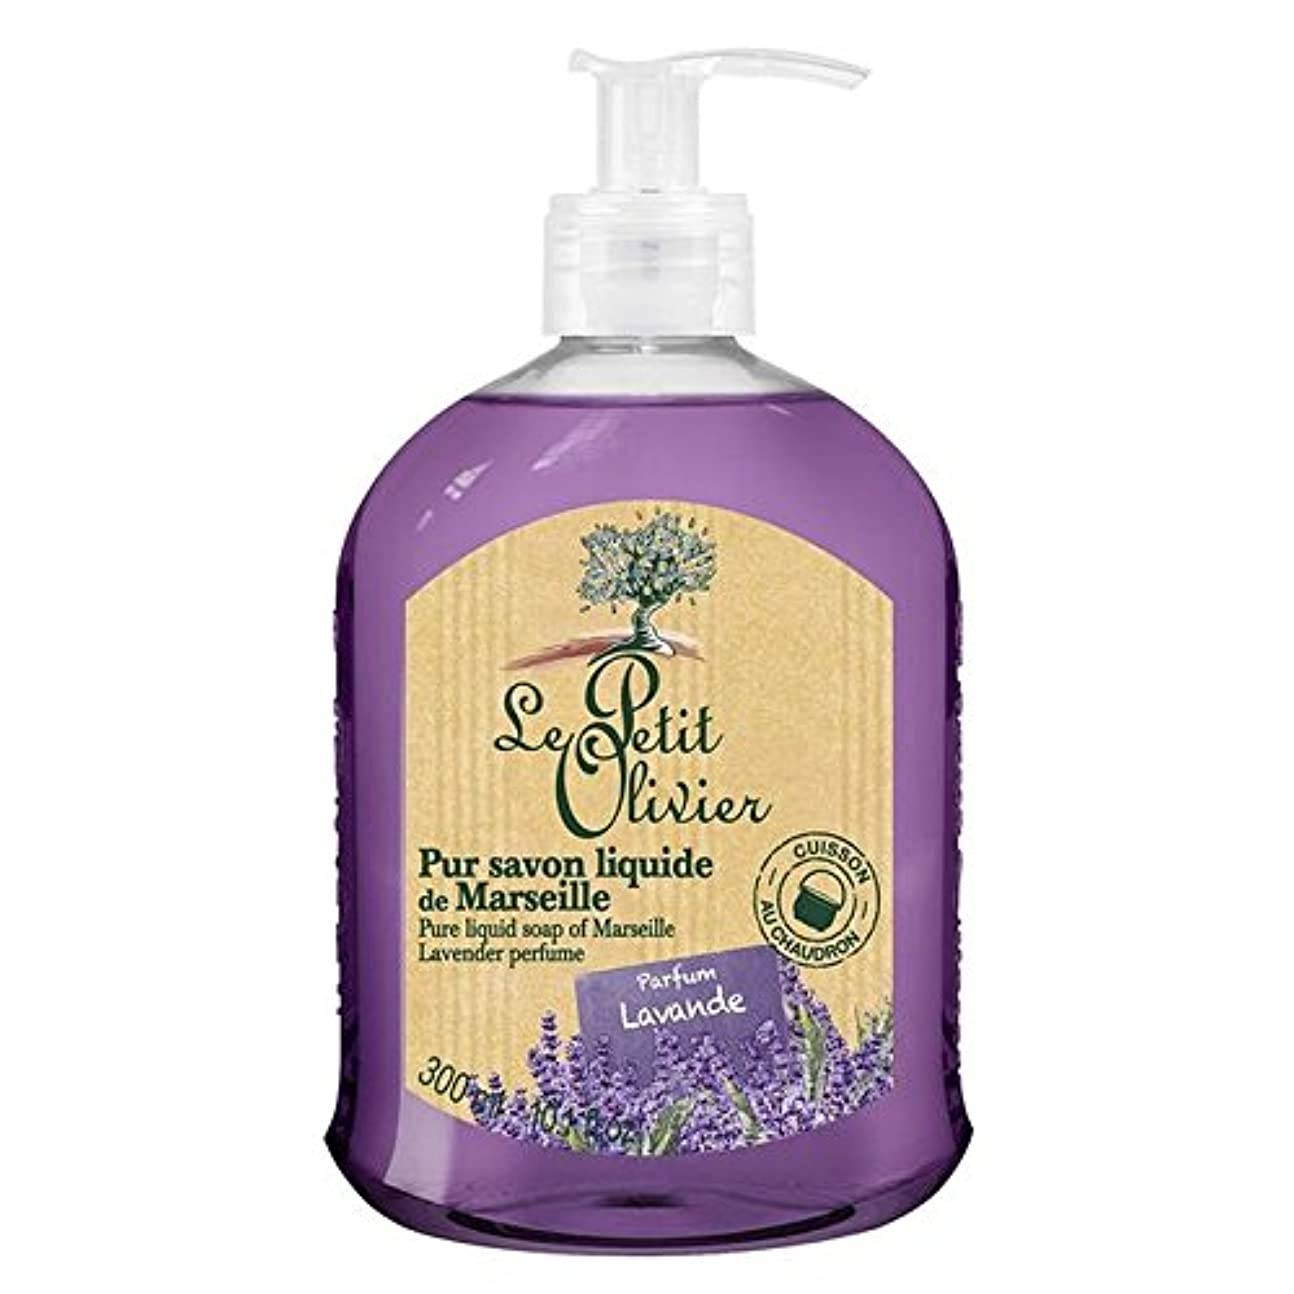 適応するプレビュー作者マルセイユのル?プティ?オリヴィエ純粋な液体石鹸、ラベンダー300ミリリットル x2 - Le Petit Olivier Pure Liquid Soap of Marseille, Lavender 300ml (Pack...